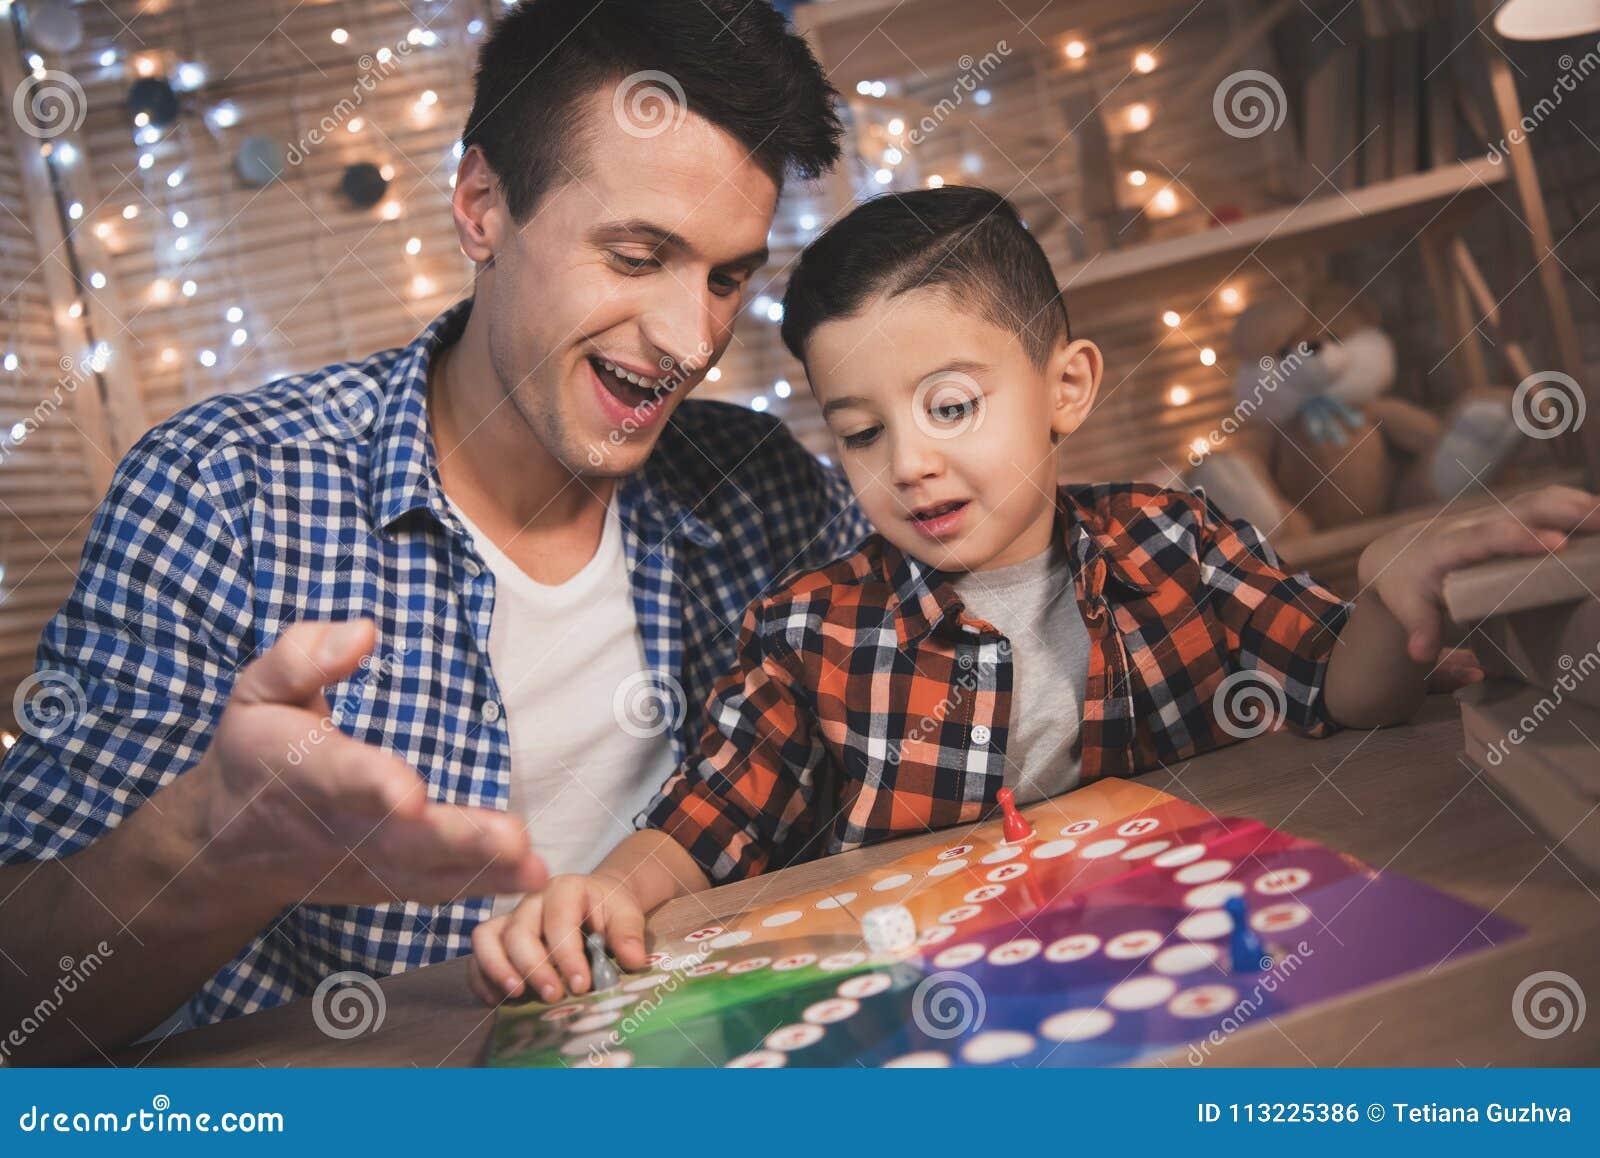 Отец и маленький сын играют настольную игру на ноче дома